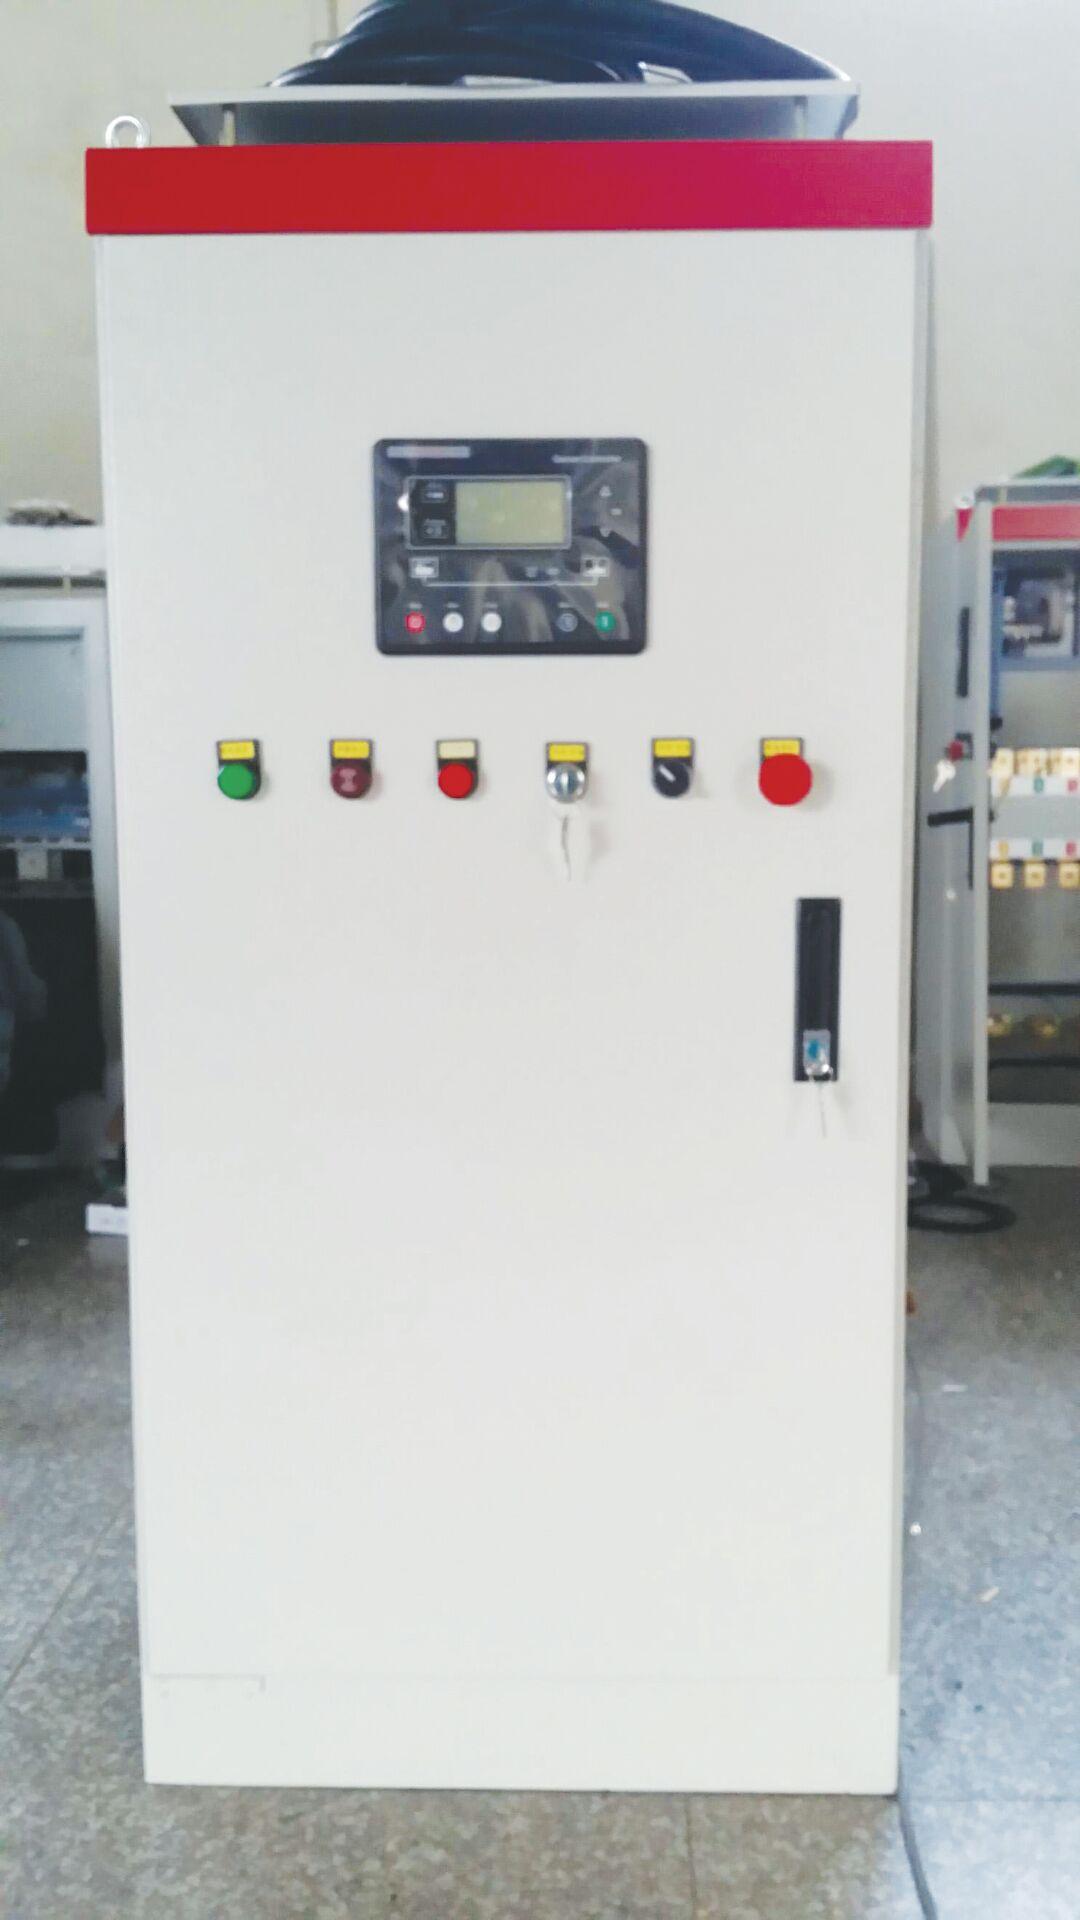 全自动双电源(ATS)切换柜